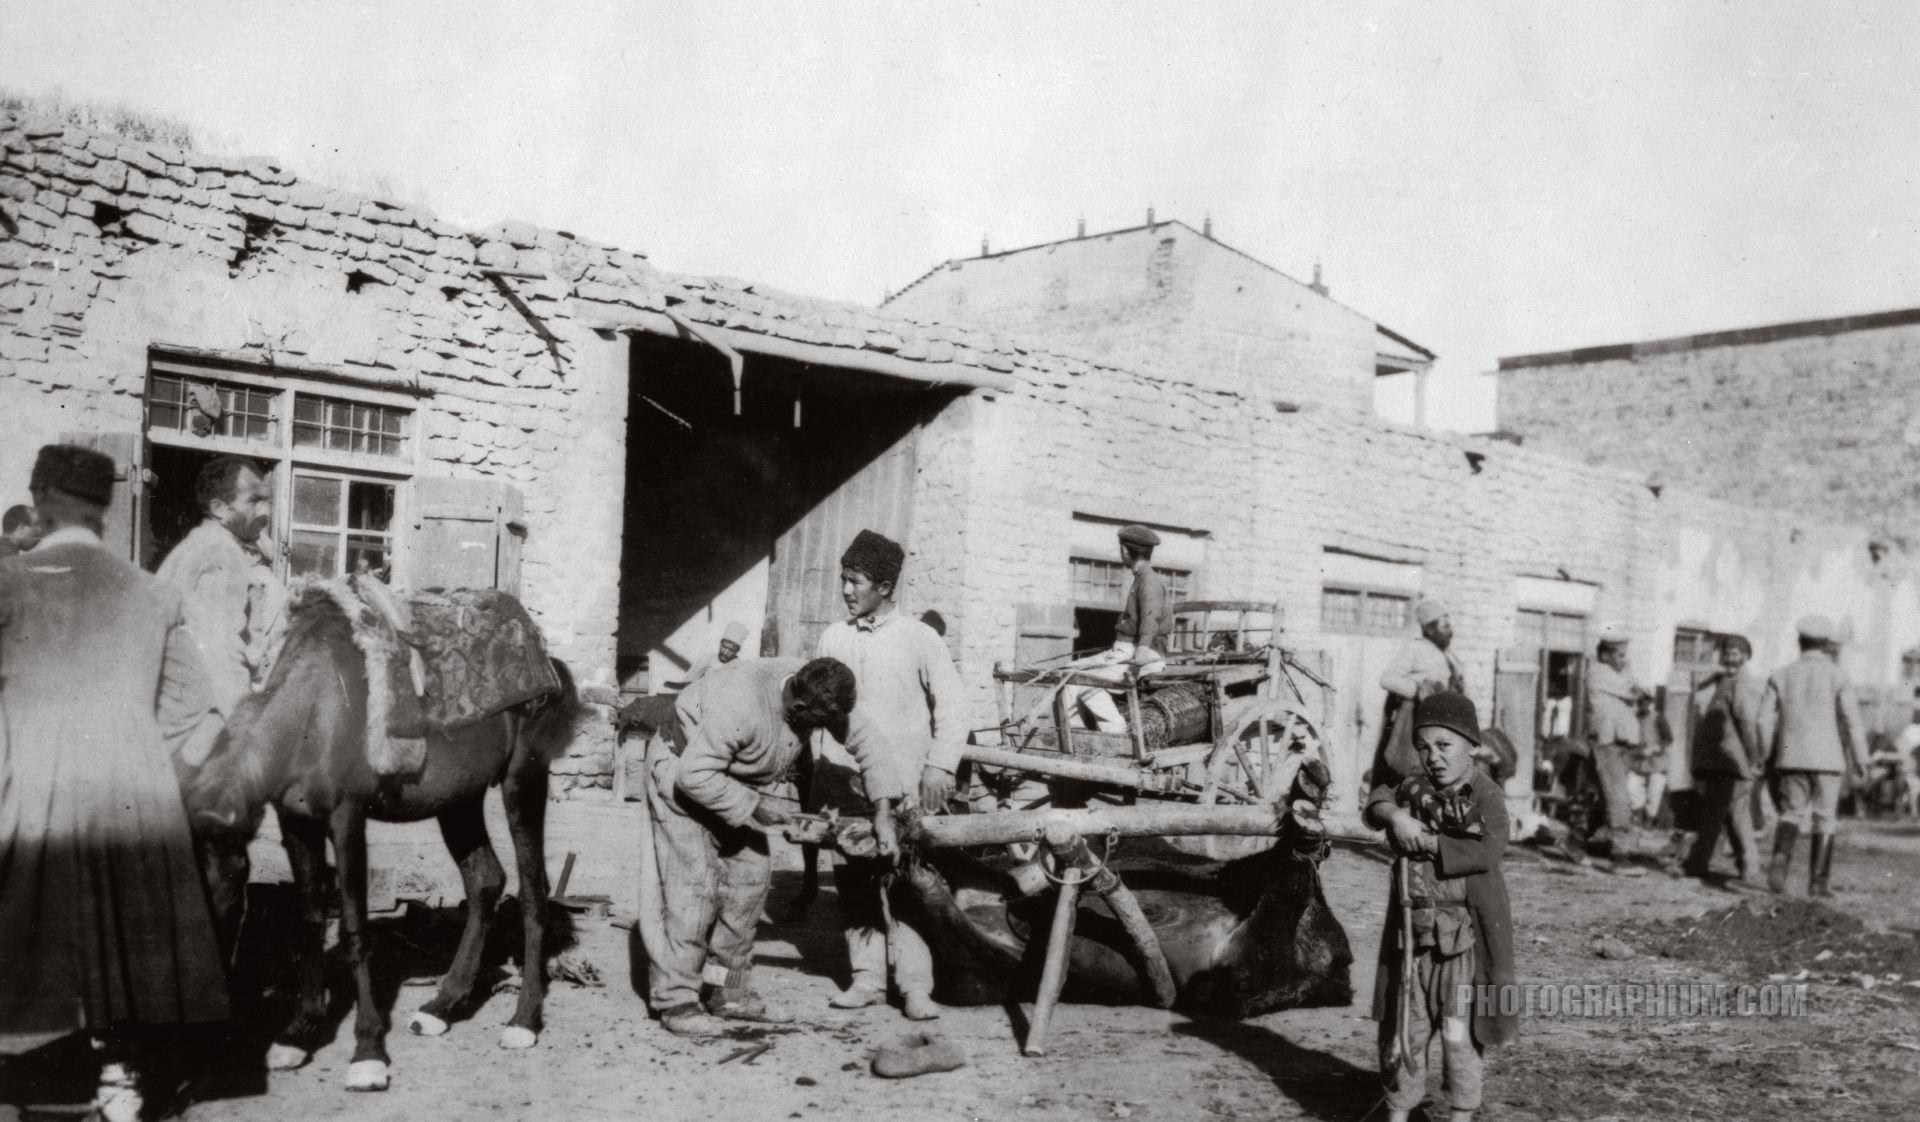 Съестные ряды базара Гантар